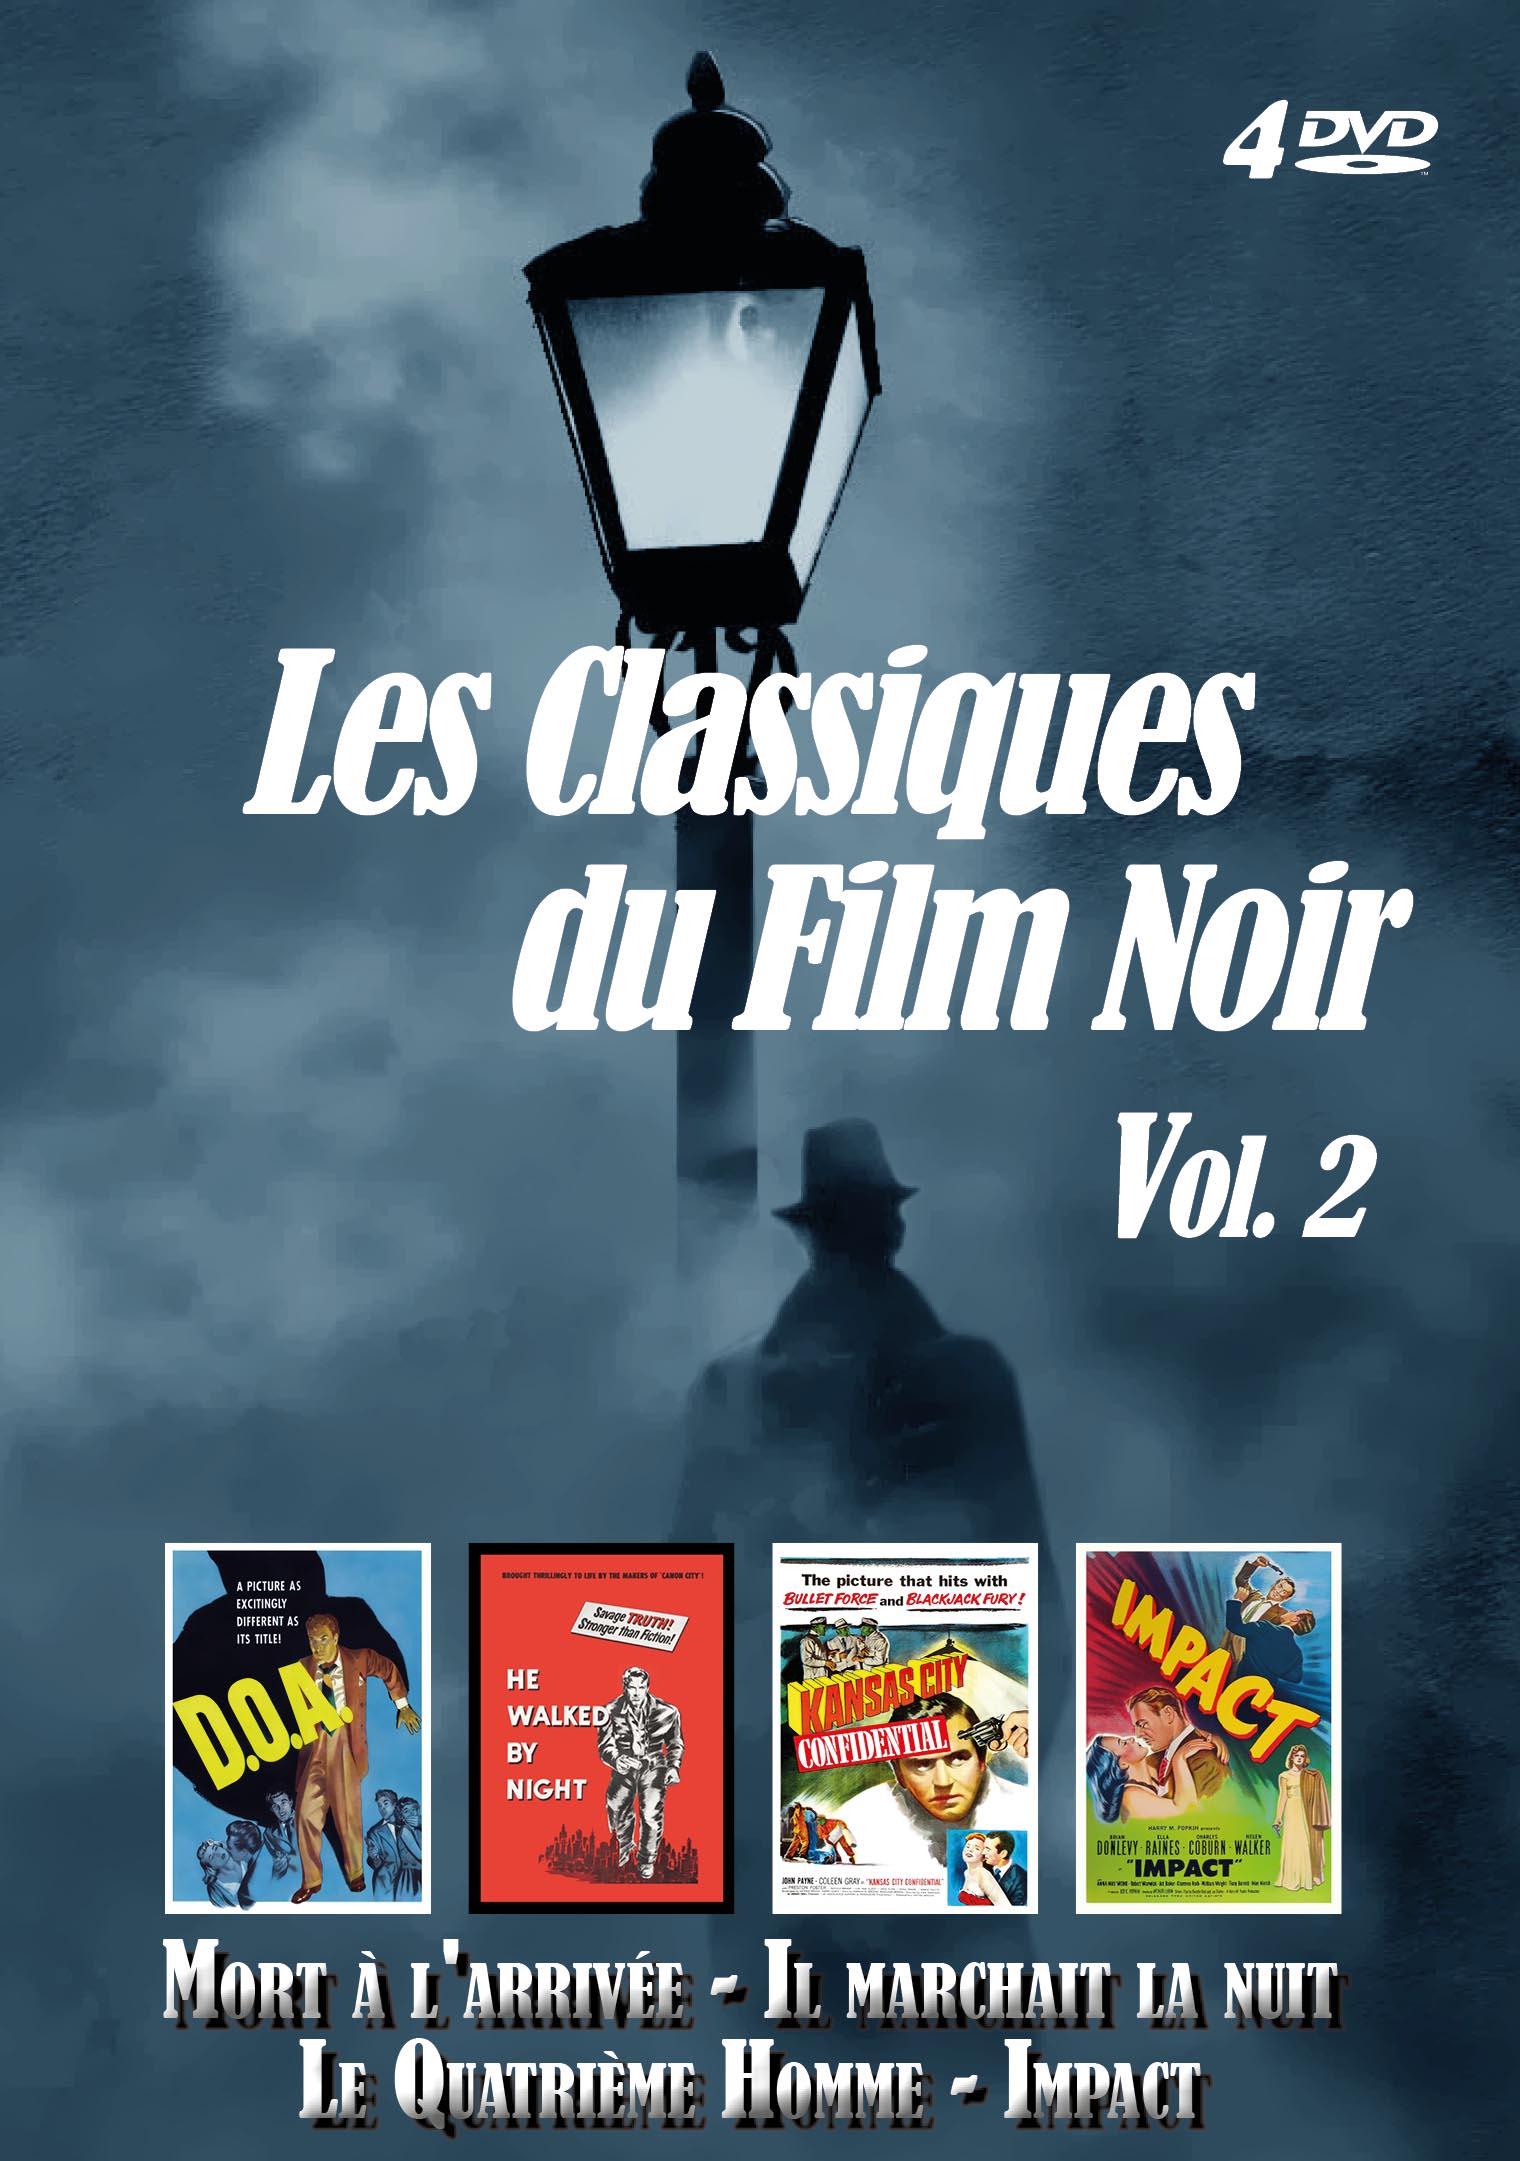 Achat DVD Les Classiques du Film Noir - Vol. 2 - Mort � l'arriv�e + Il marchait la nuit + Le Quatri�me Homme + Impact